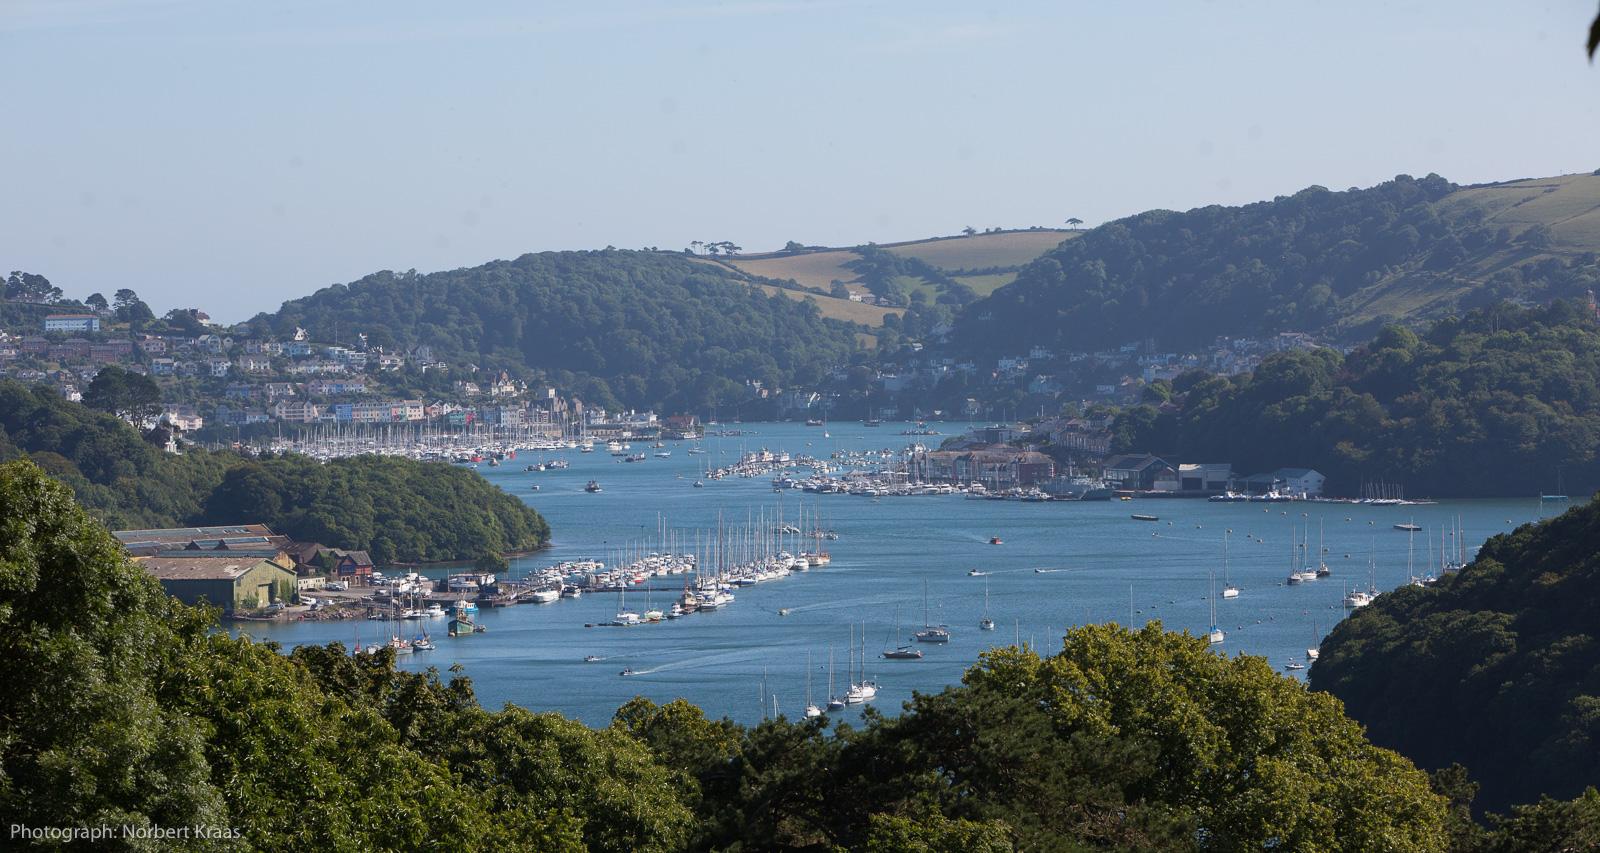 Paradies für Schwimmer und Segler: Mündung des Dart bei Dartmouth, Devon.